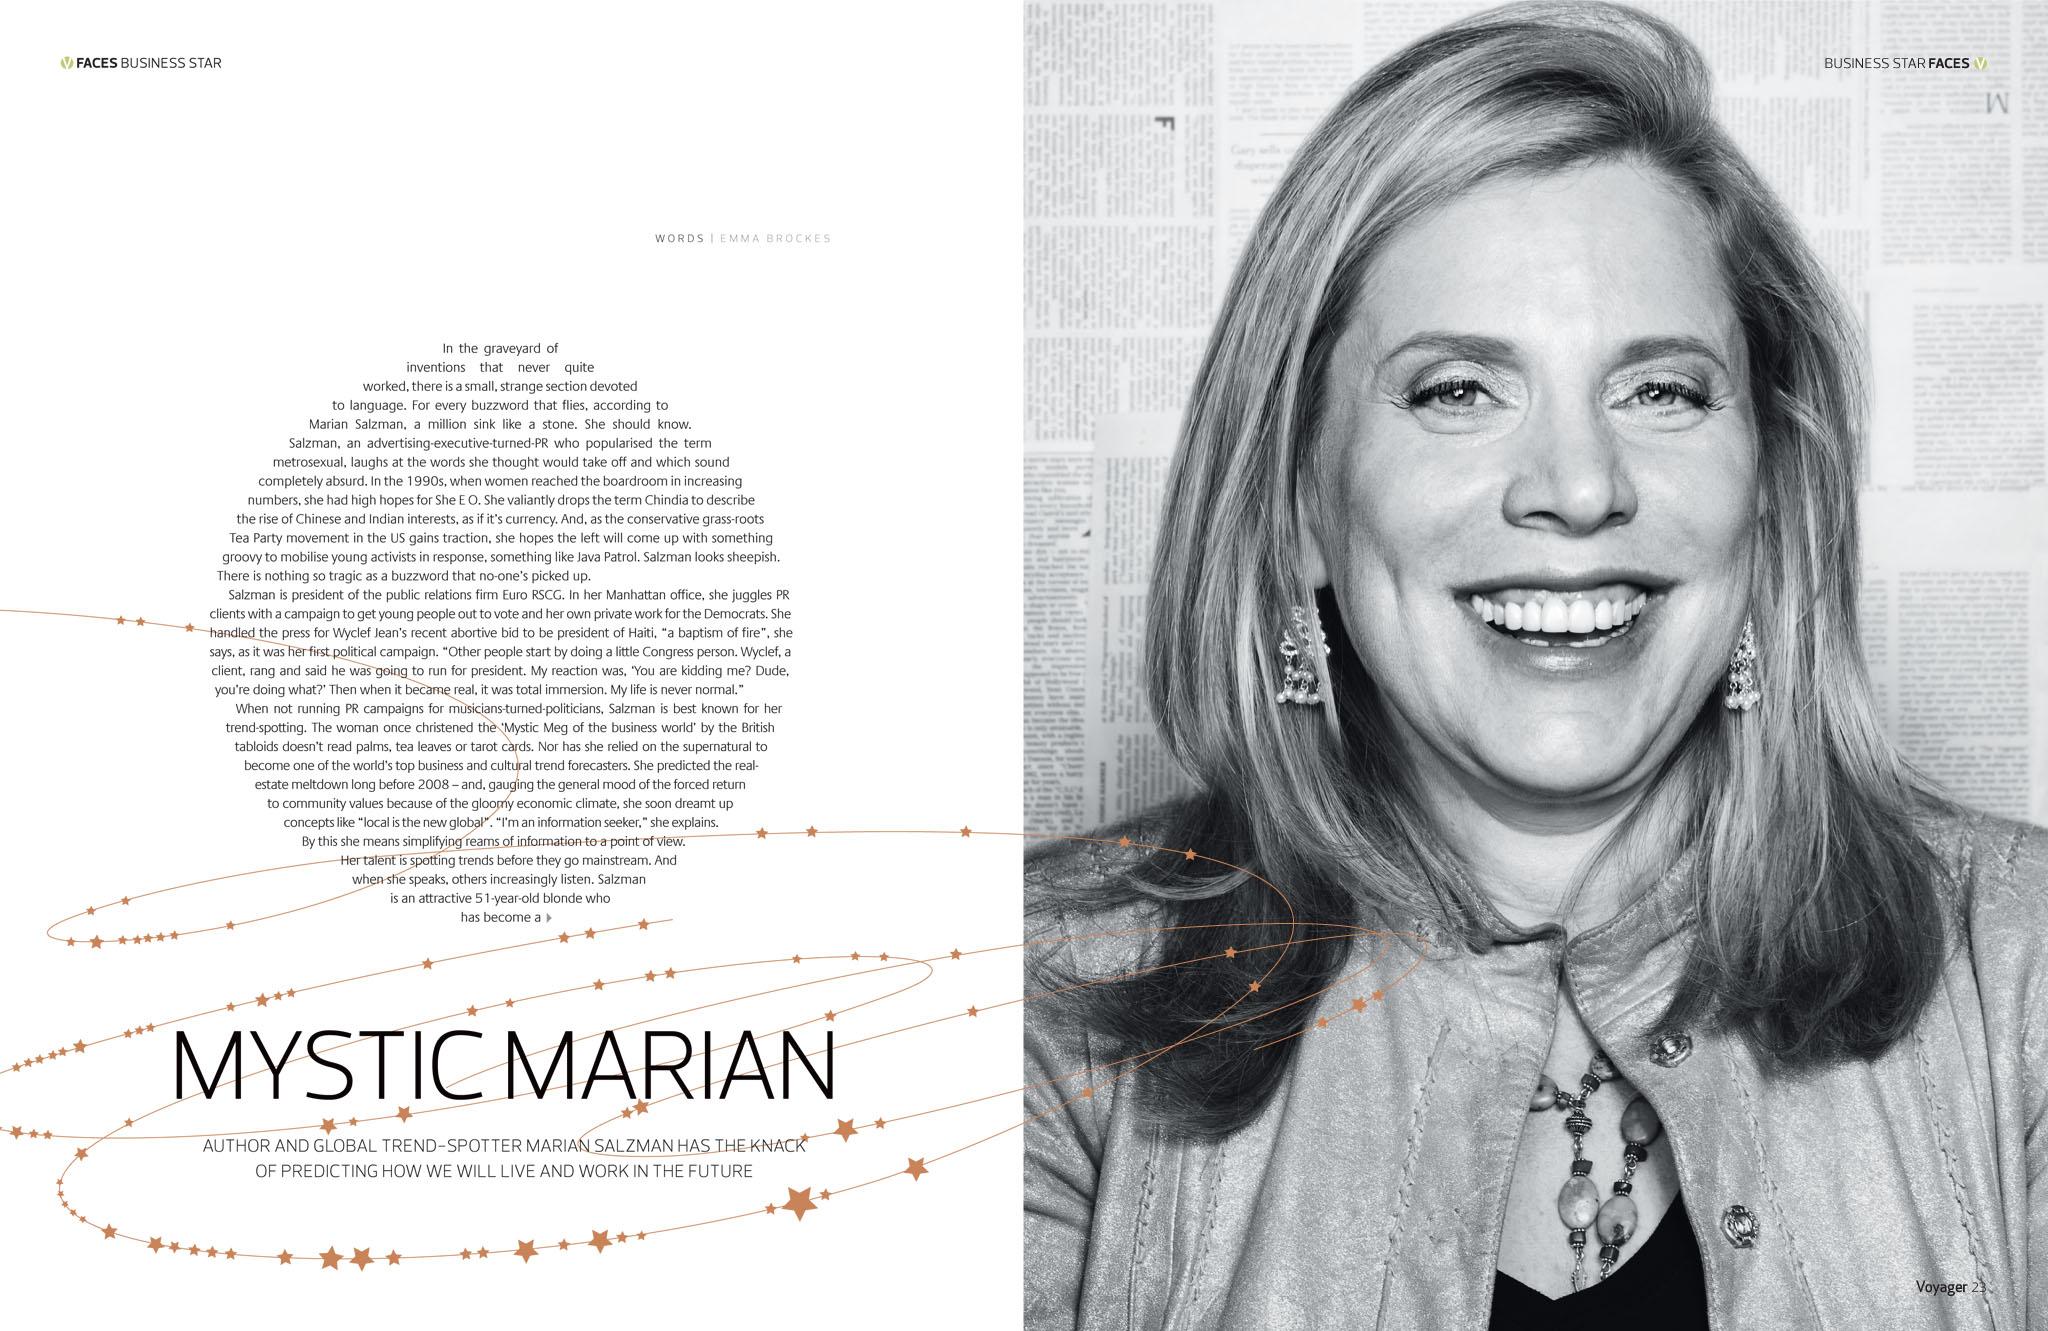 Marian salzman metrosexual